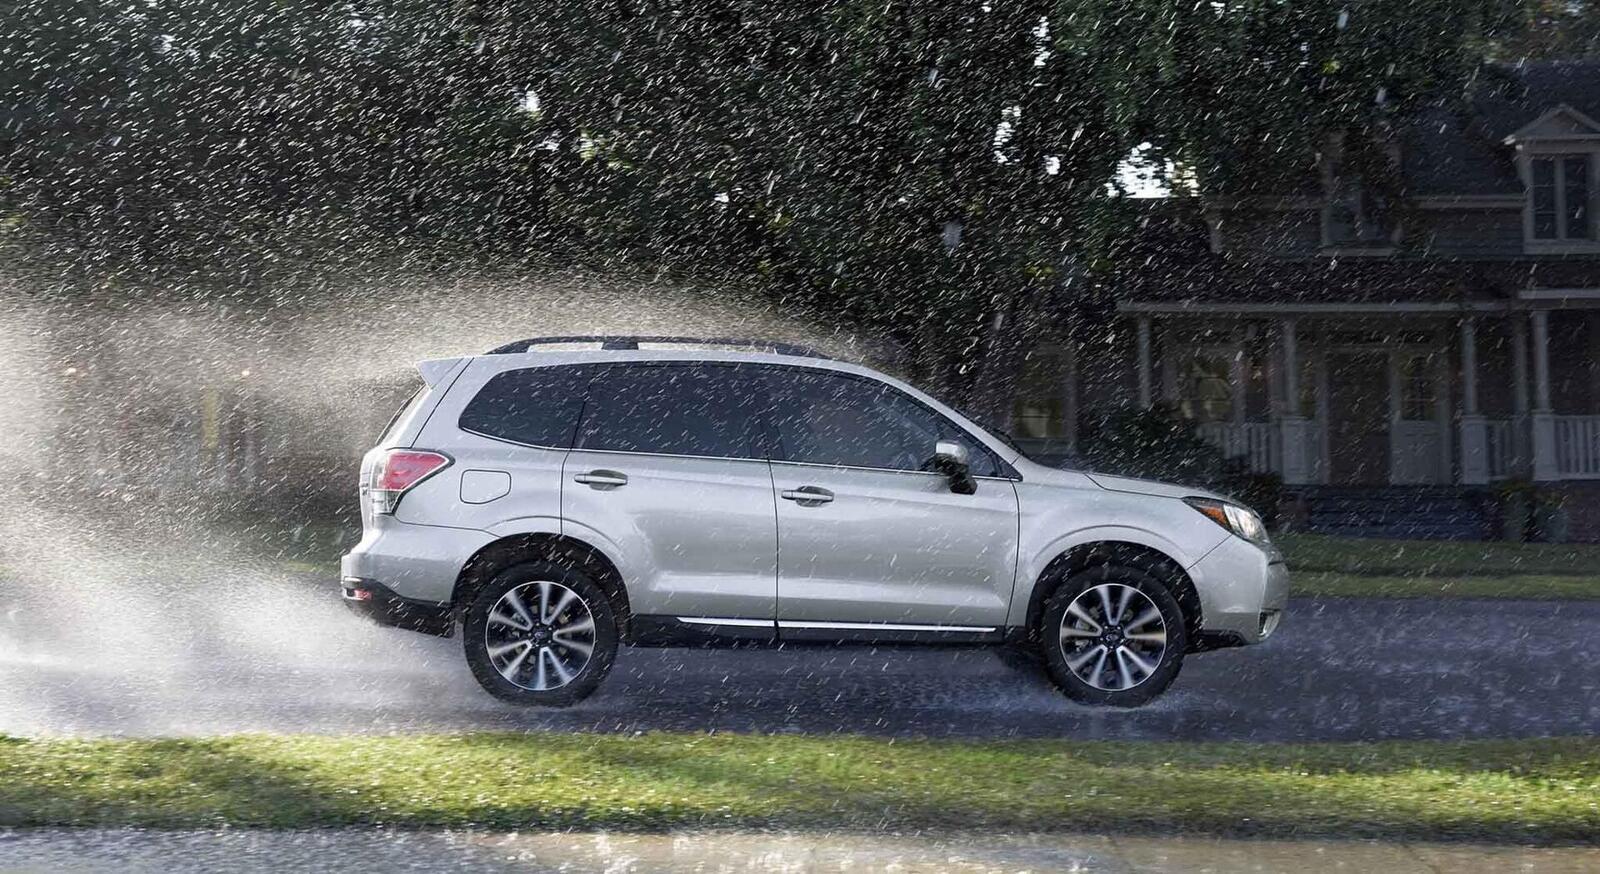 Sự khác biệt giữa Subaru Forester thế hệ mới và cũ - Hình 4